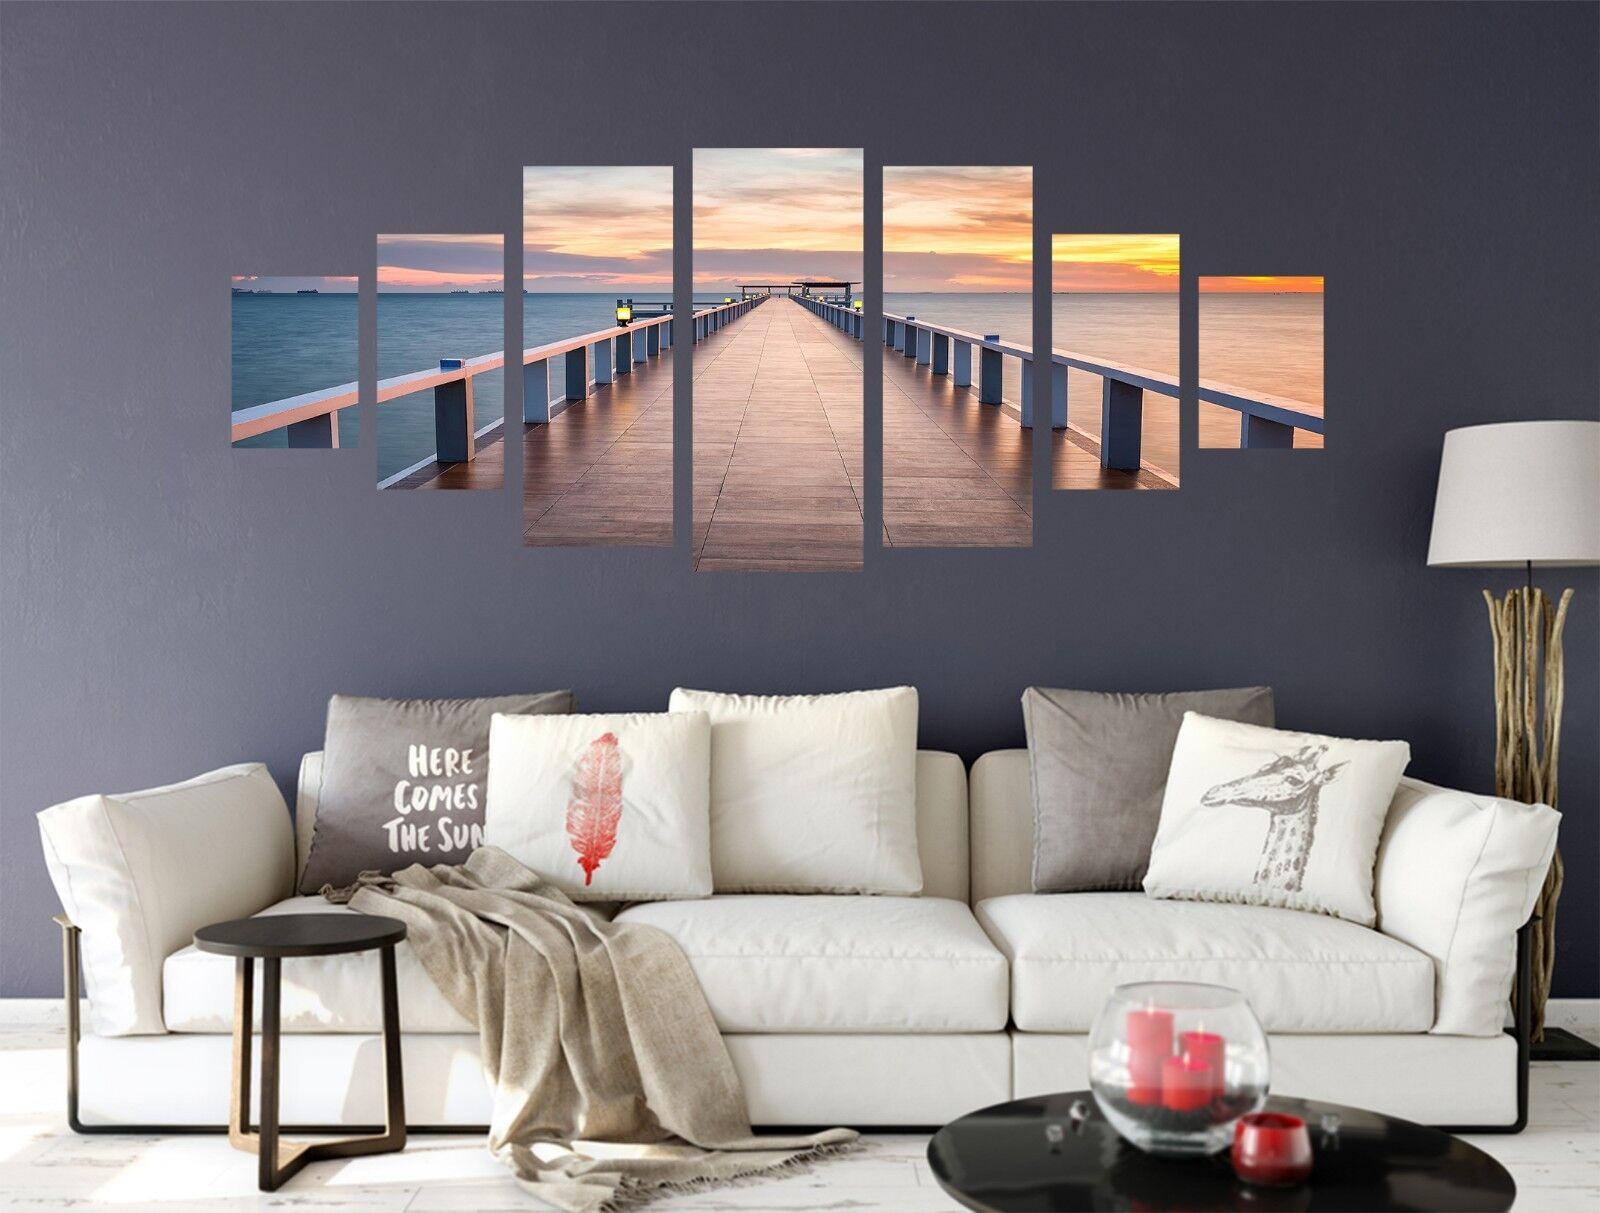 Puente de 3D 850 impresión sin enmarcar Papel de Parojo Calcomanía Decoración De Parojo Parojo Interior AJ Jenny